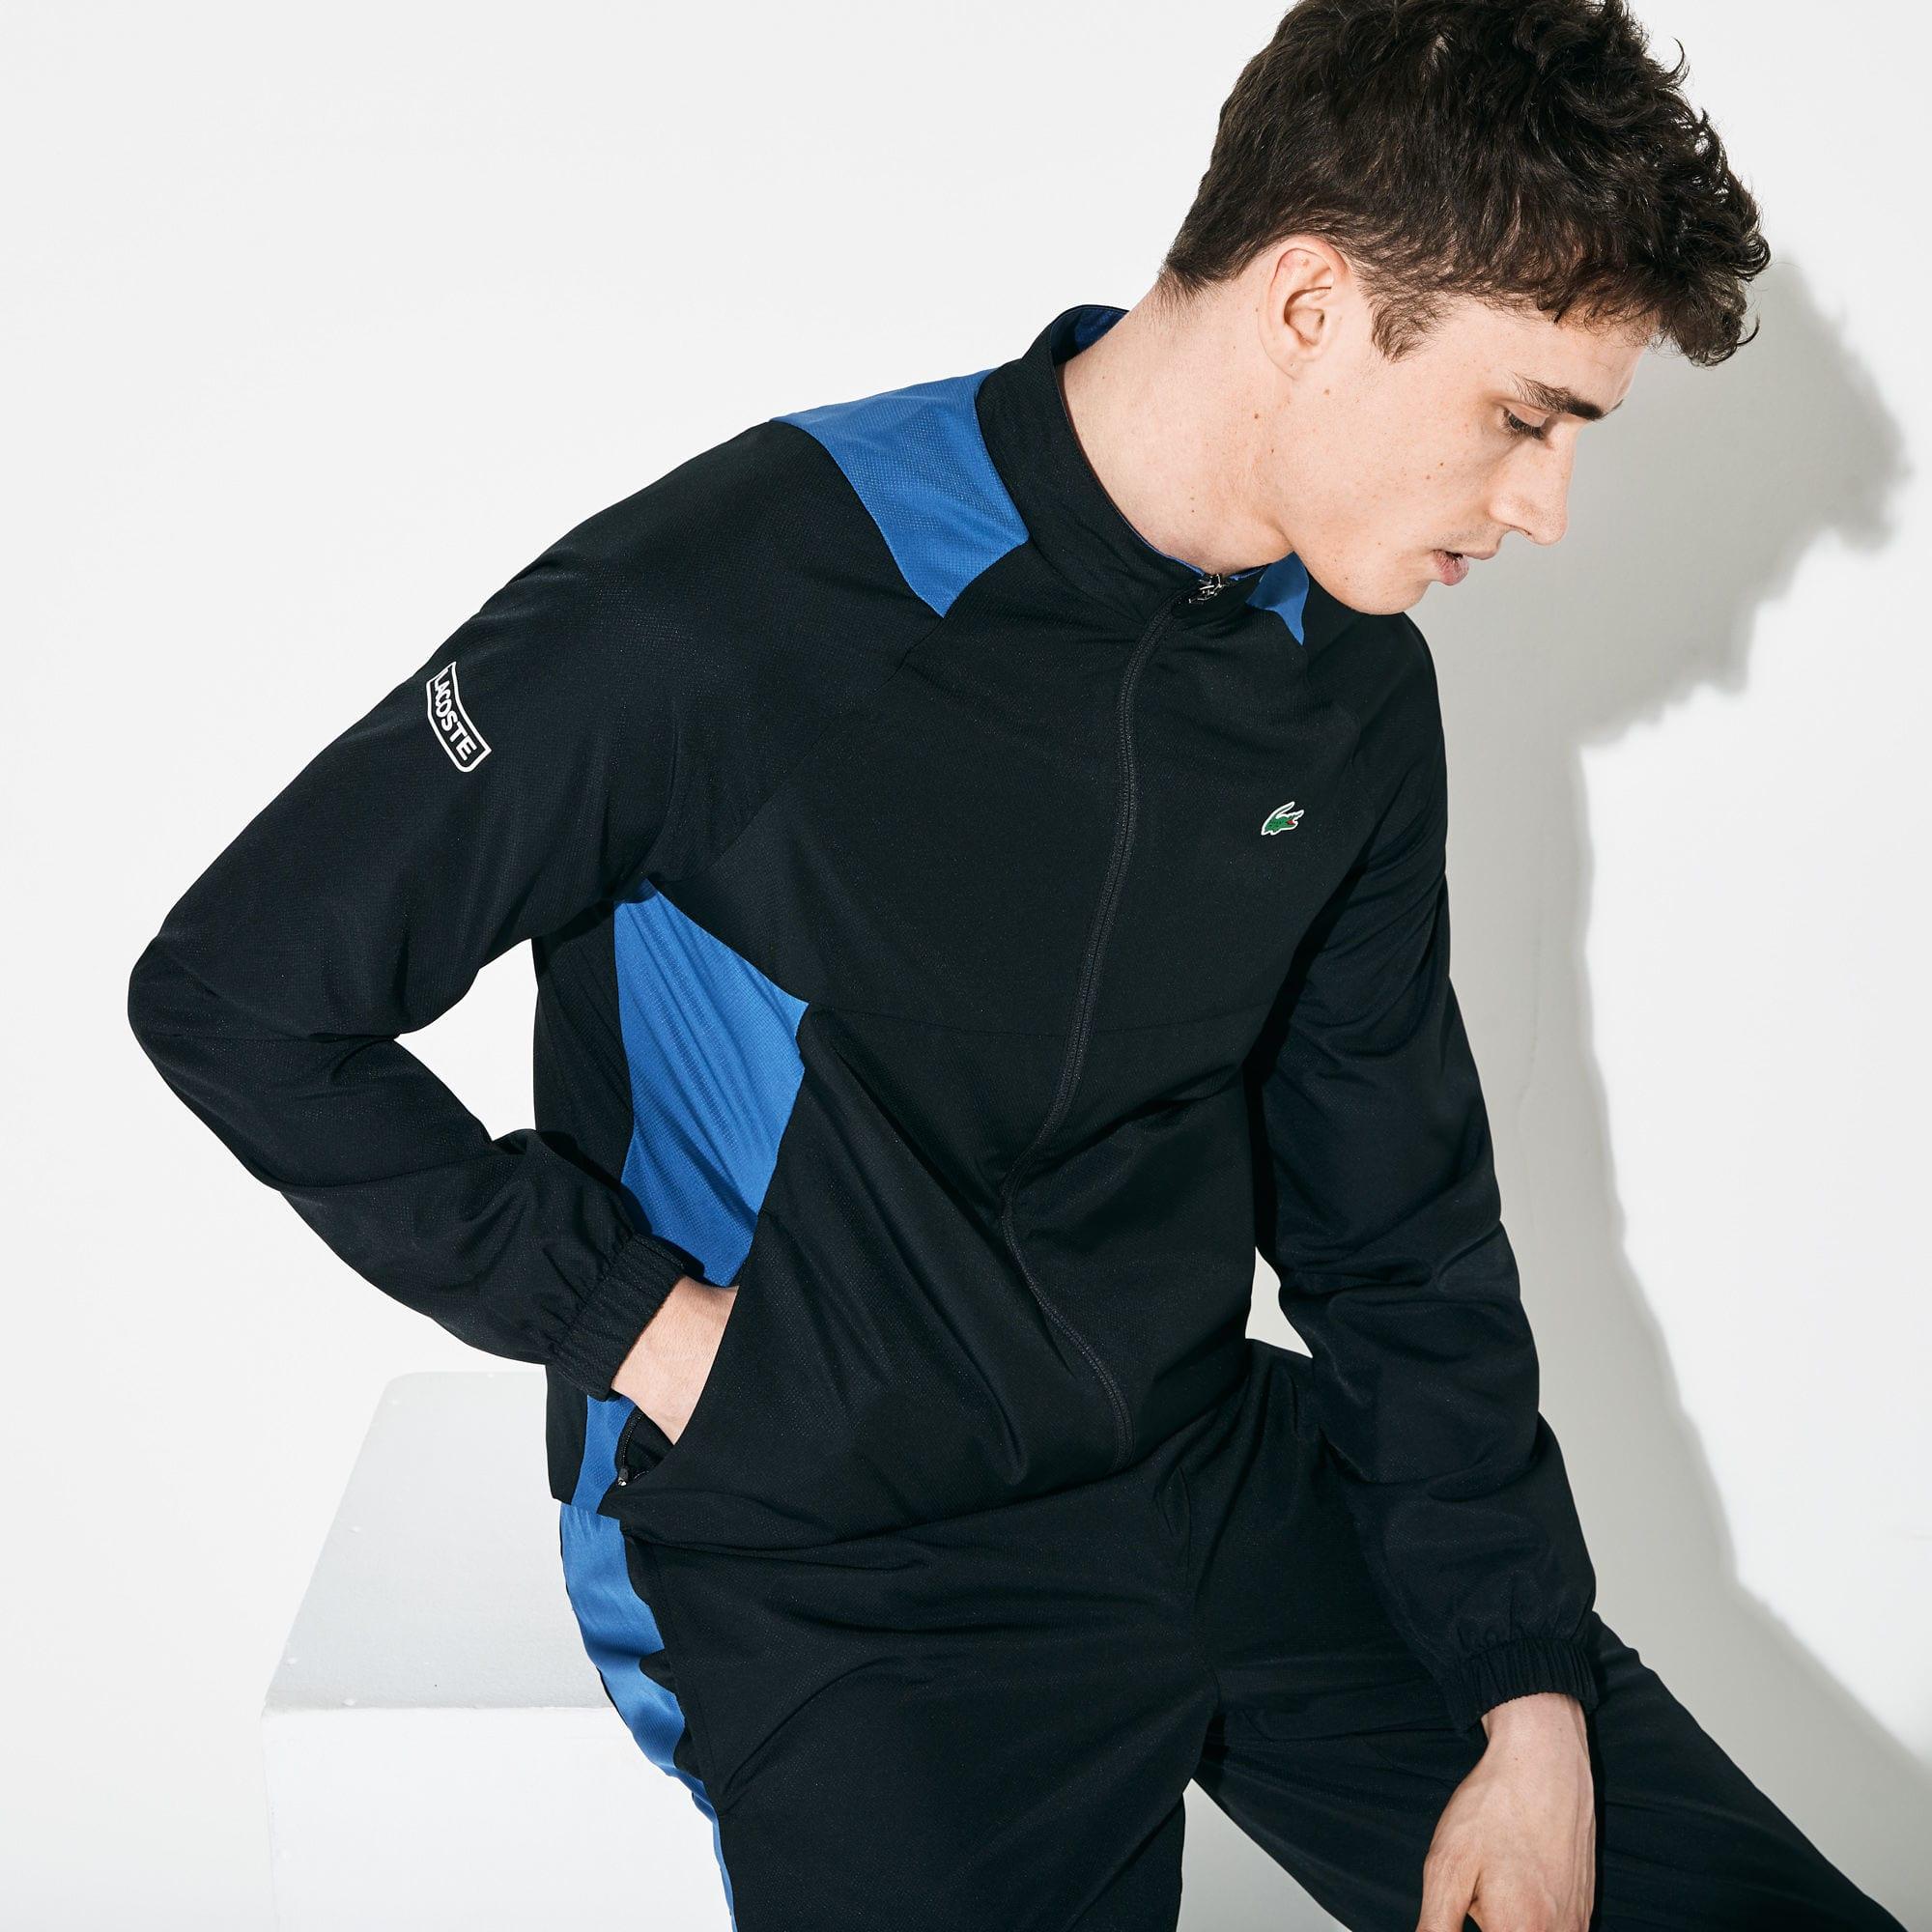 Спортивный костюм LacosteСпортивная одежда<br>100% полиэстер 65% полиэстер 35% хлопок